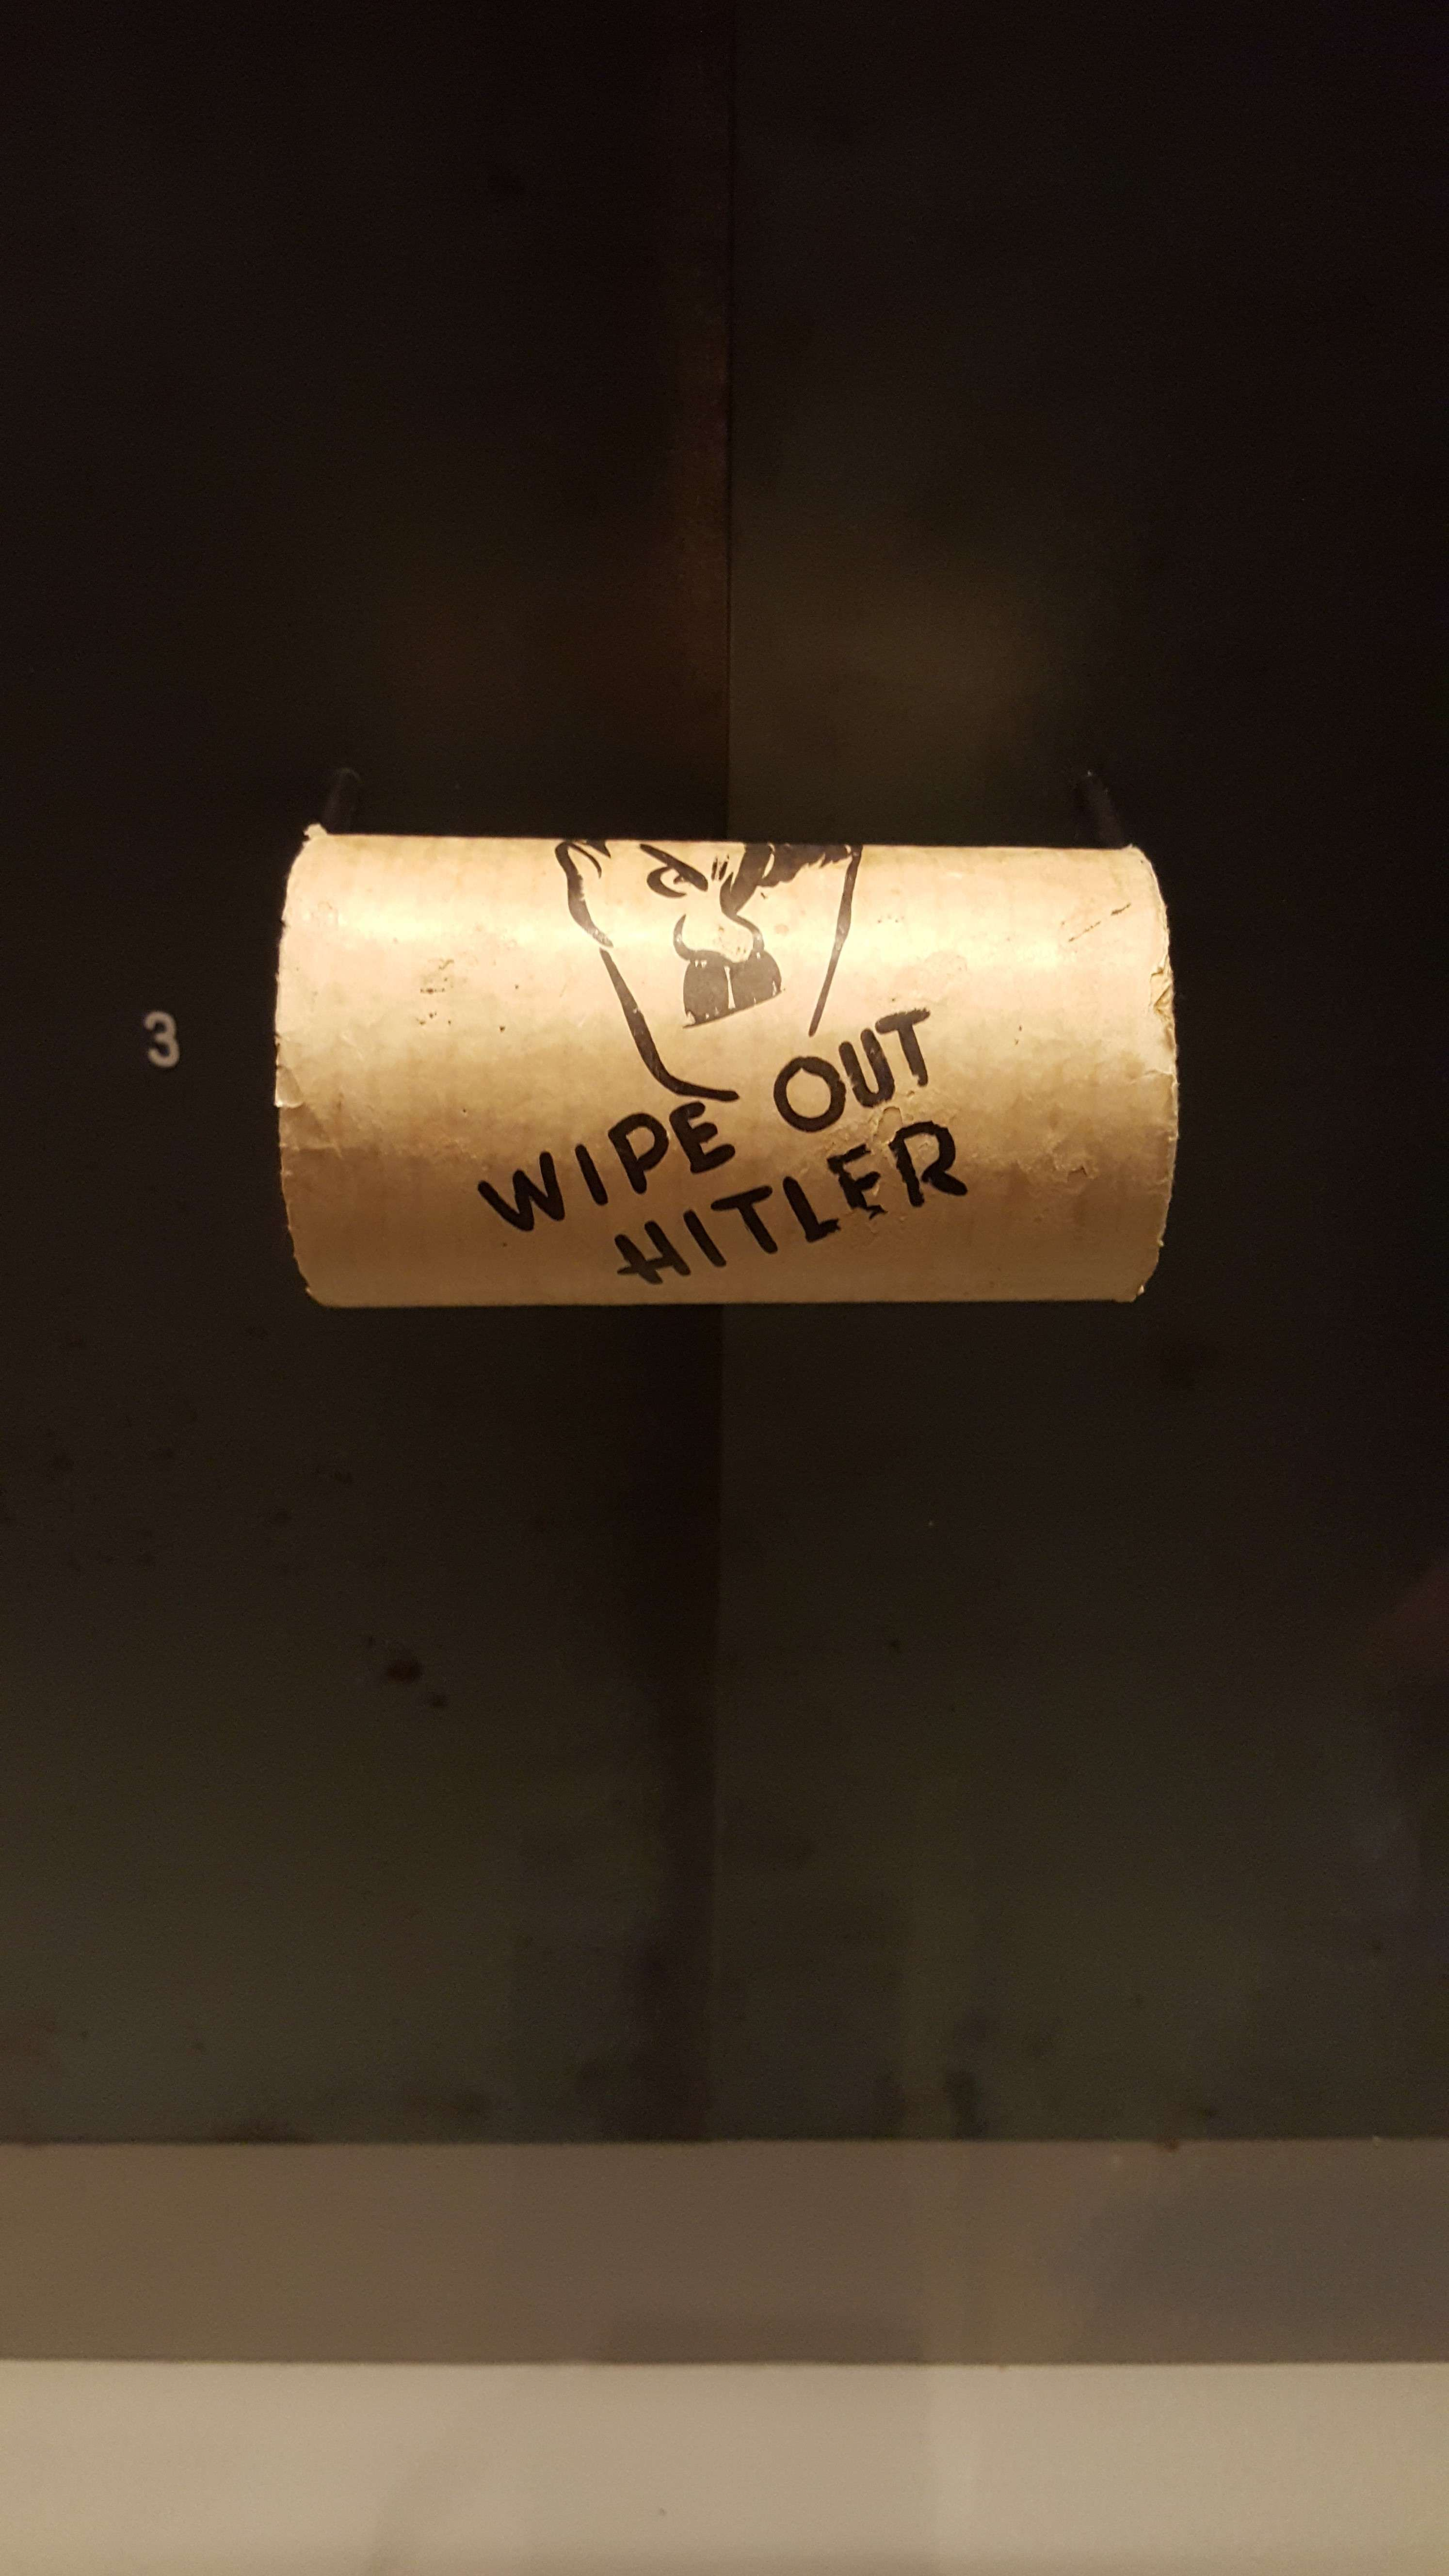 Hârtie igienicà reprezentându-l pe Hitler fabricatà de Aliati